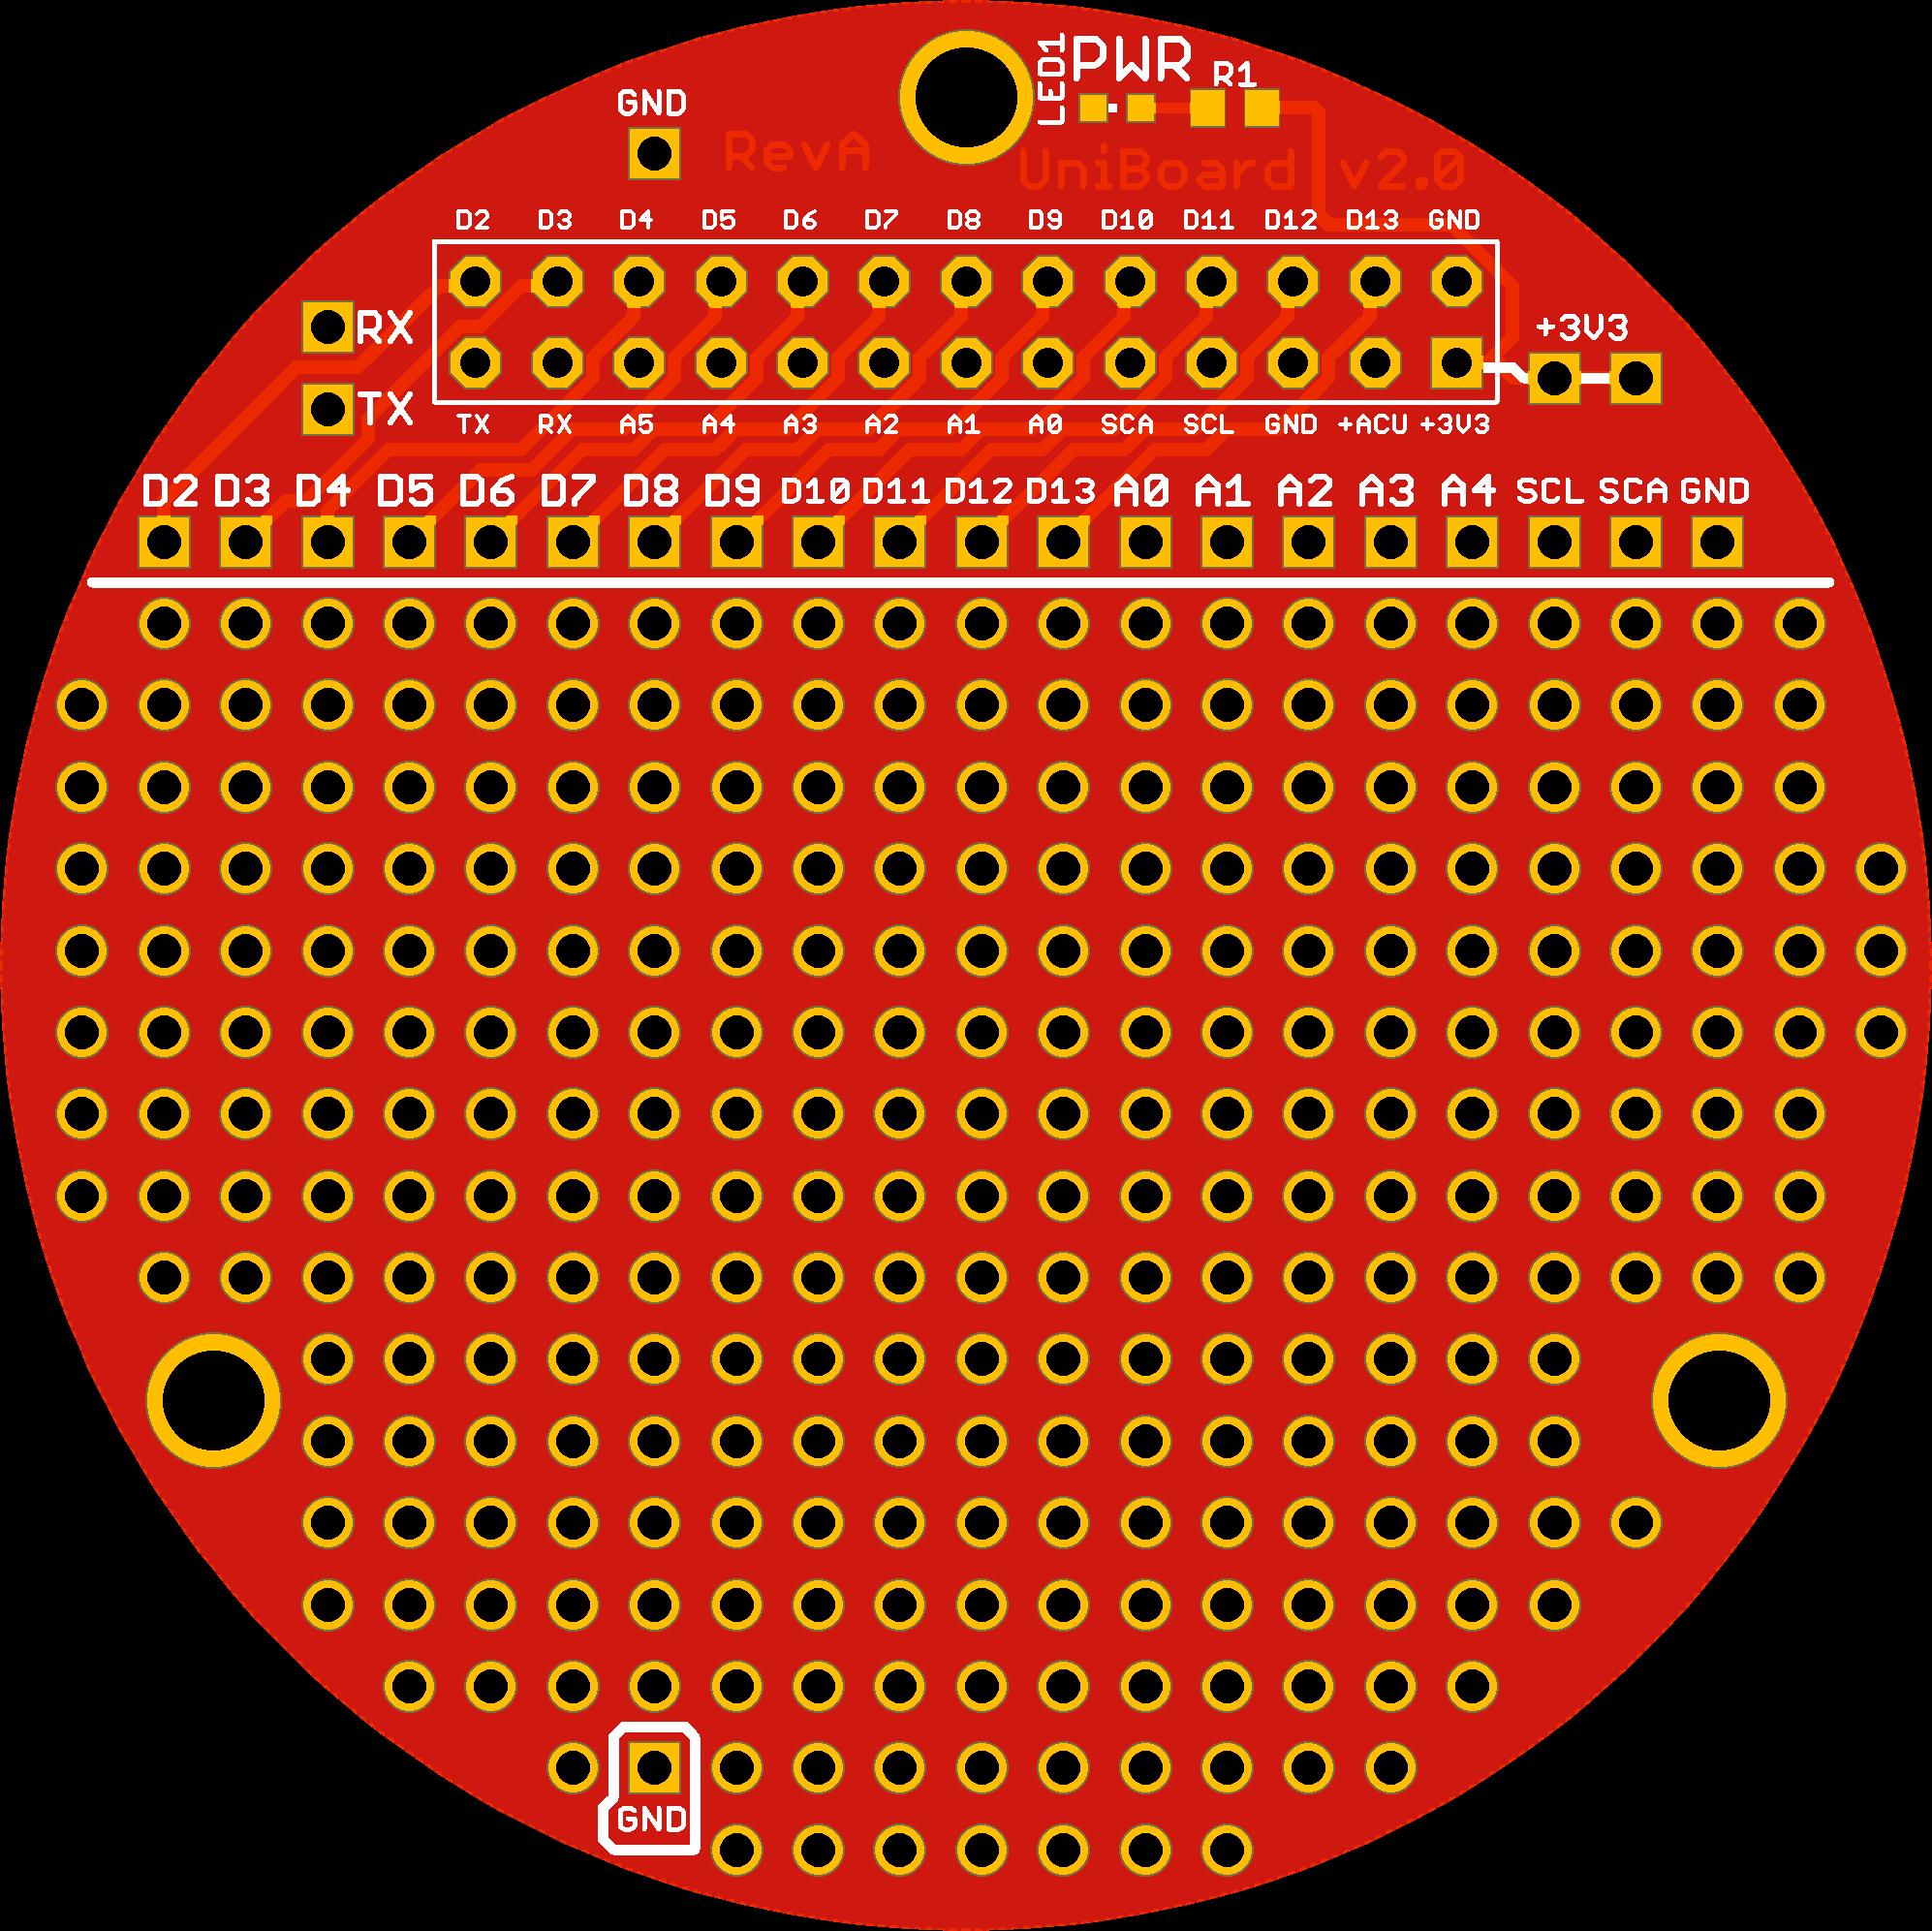 Boards/UniBoard_v2.0_RevA/PNGview/UniBoard_v2.0_RevA_TOP.png